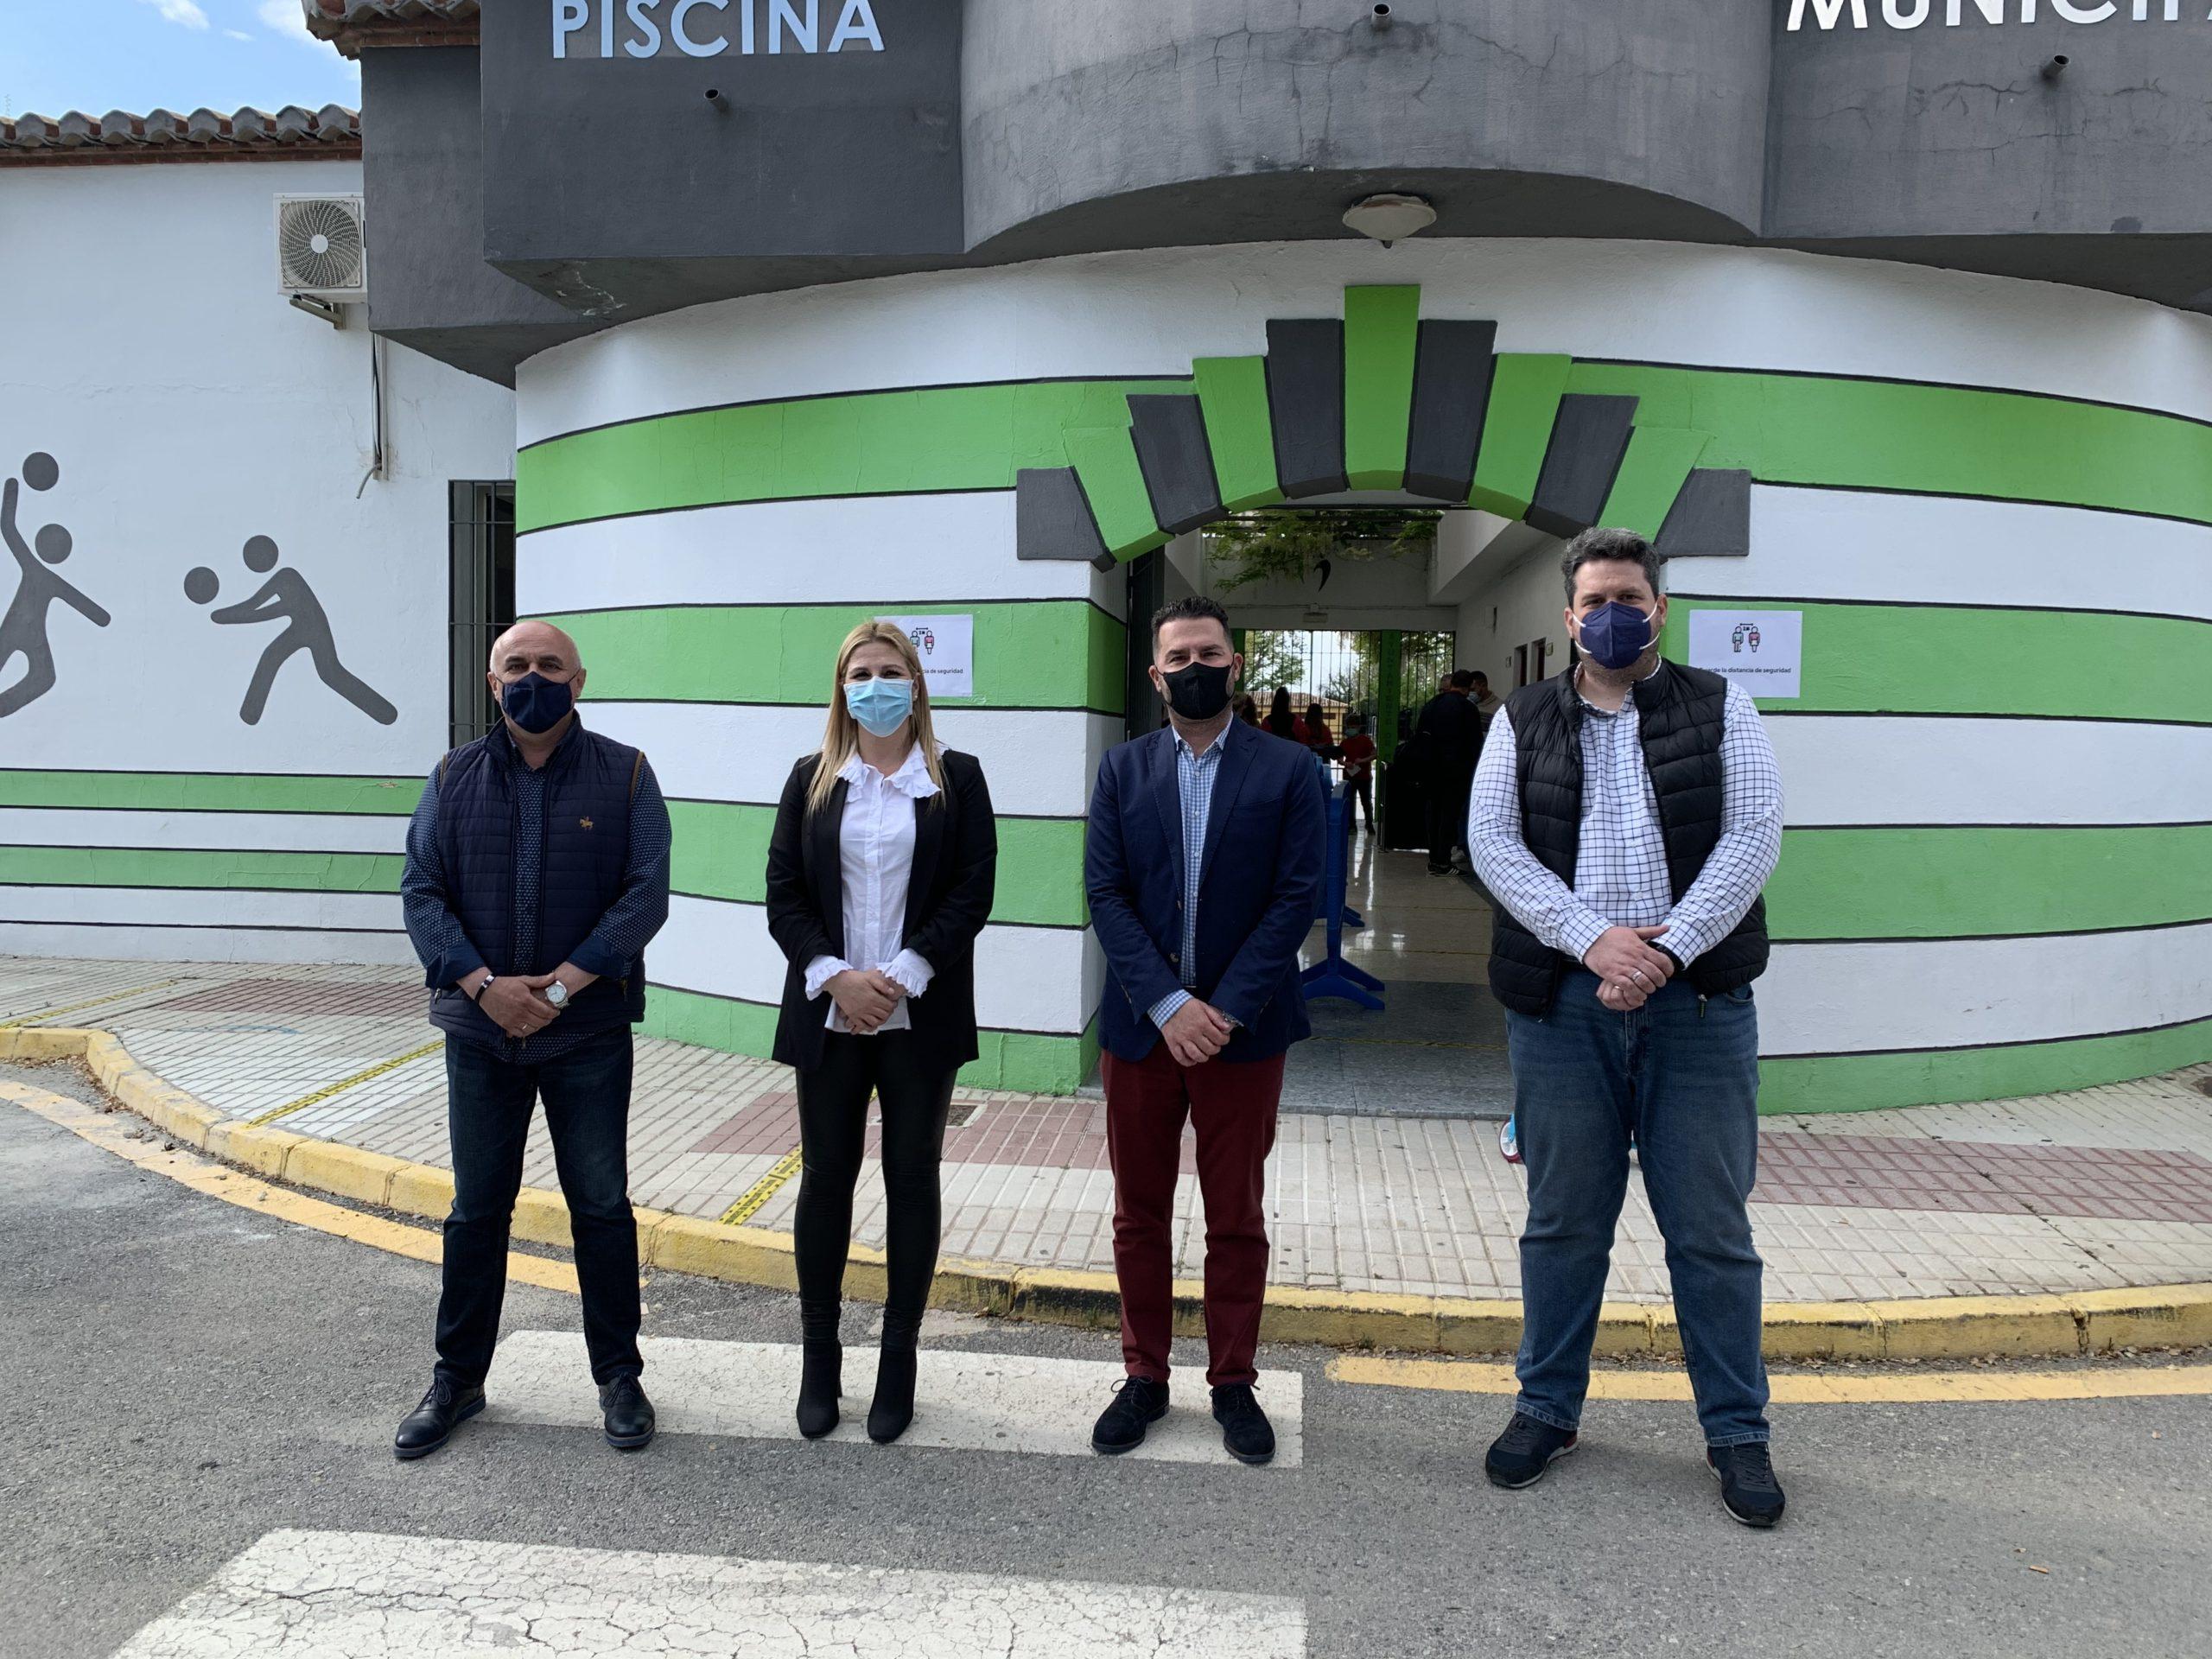 De derecha a izquierda Carlos Porcel, concejal de Deportes; Noel López, alcalde de Maracena; Vanessa Romero, concejala de presidencia; Víctor Ortega, concejal de Obras y Servicios